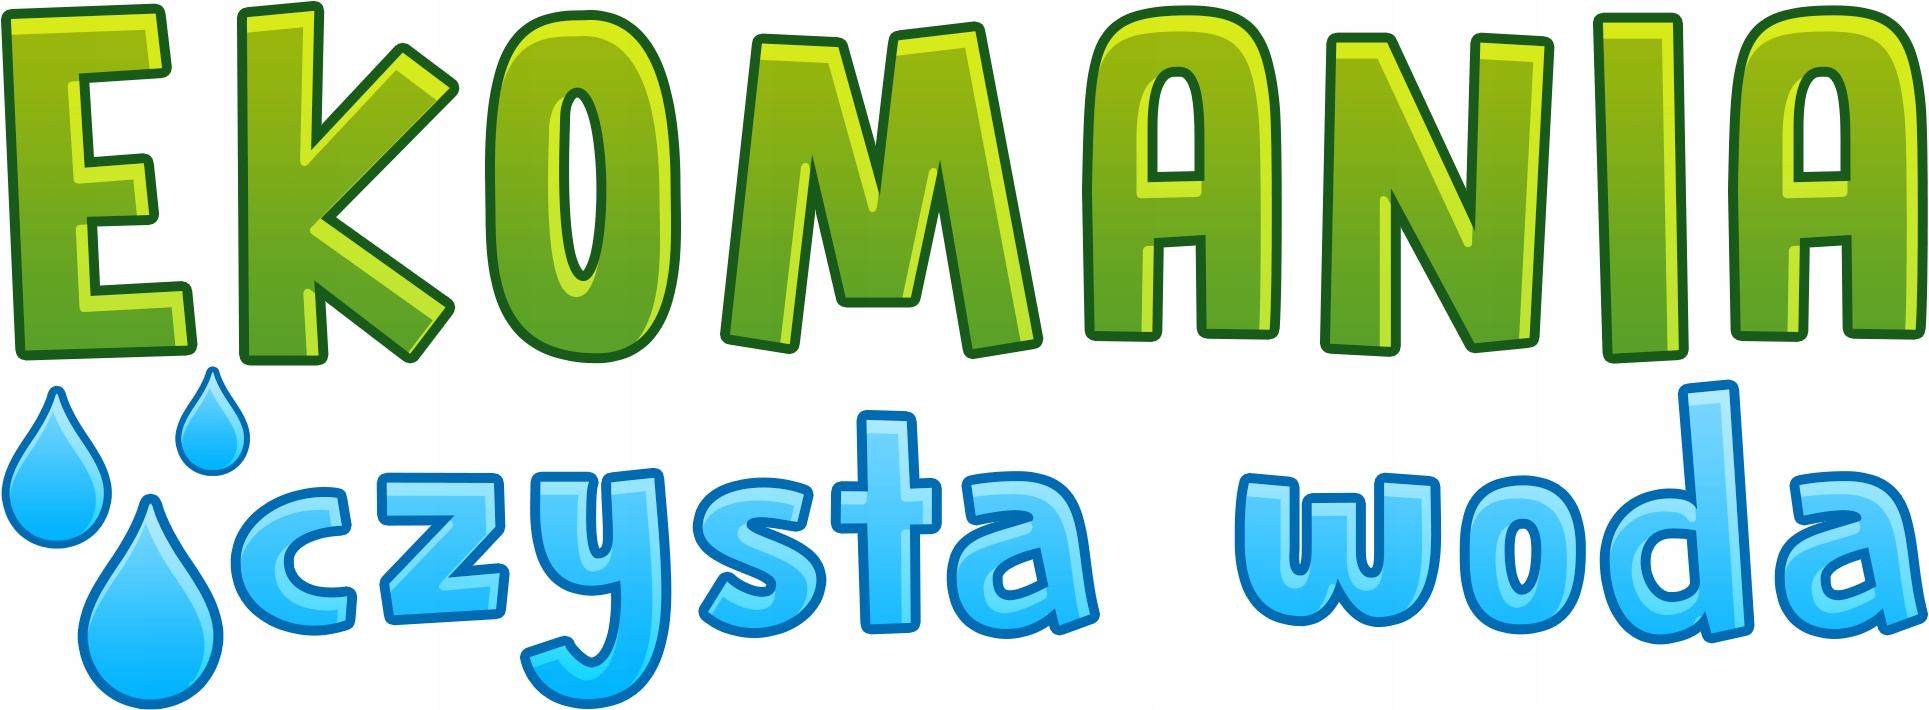 Wielkoformatowa gra XXL - EKOMANIA czysta woda Bohater inny